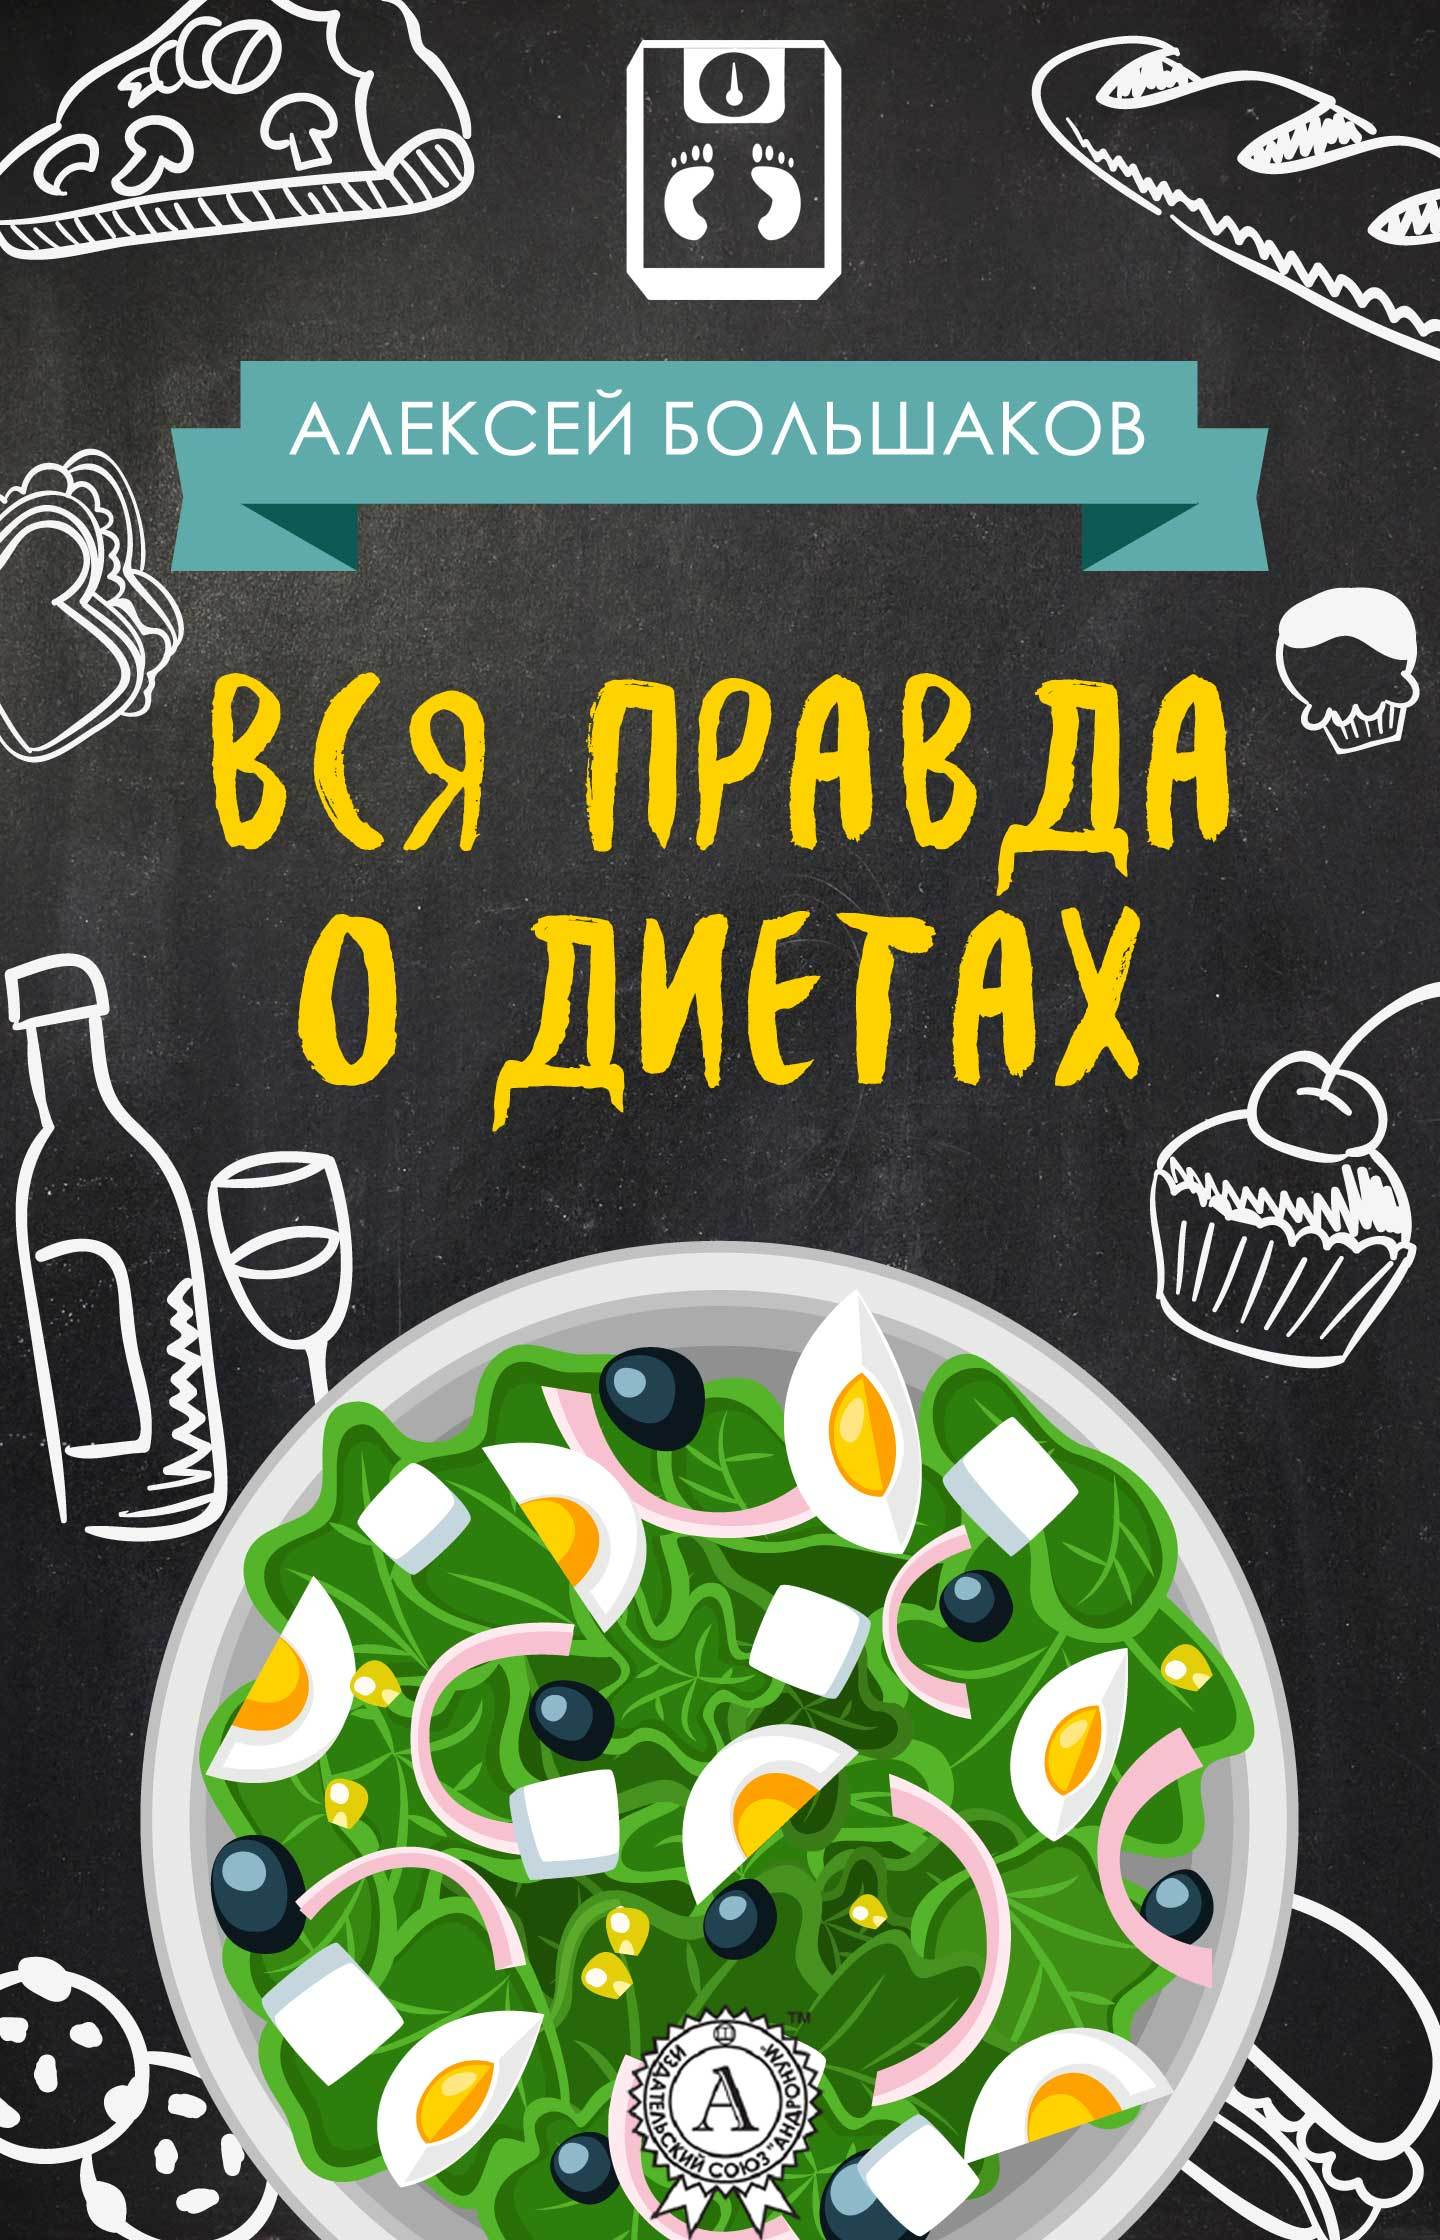 Алексей Большаков Вся правда о диетах аллуш реджинальд приятного диабета как побороть зависимость от сладкого нормализовать рацион и уберечь себя от диабета 2 типа